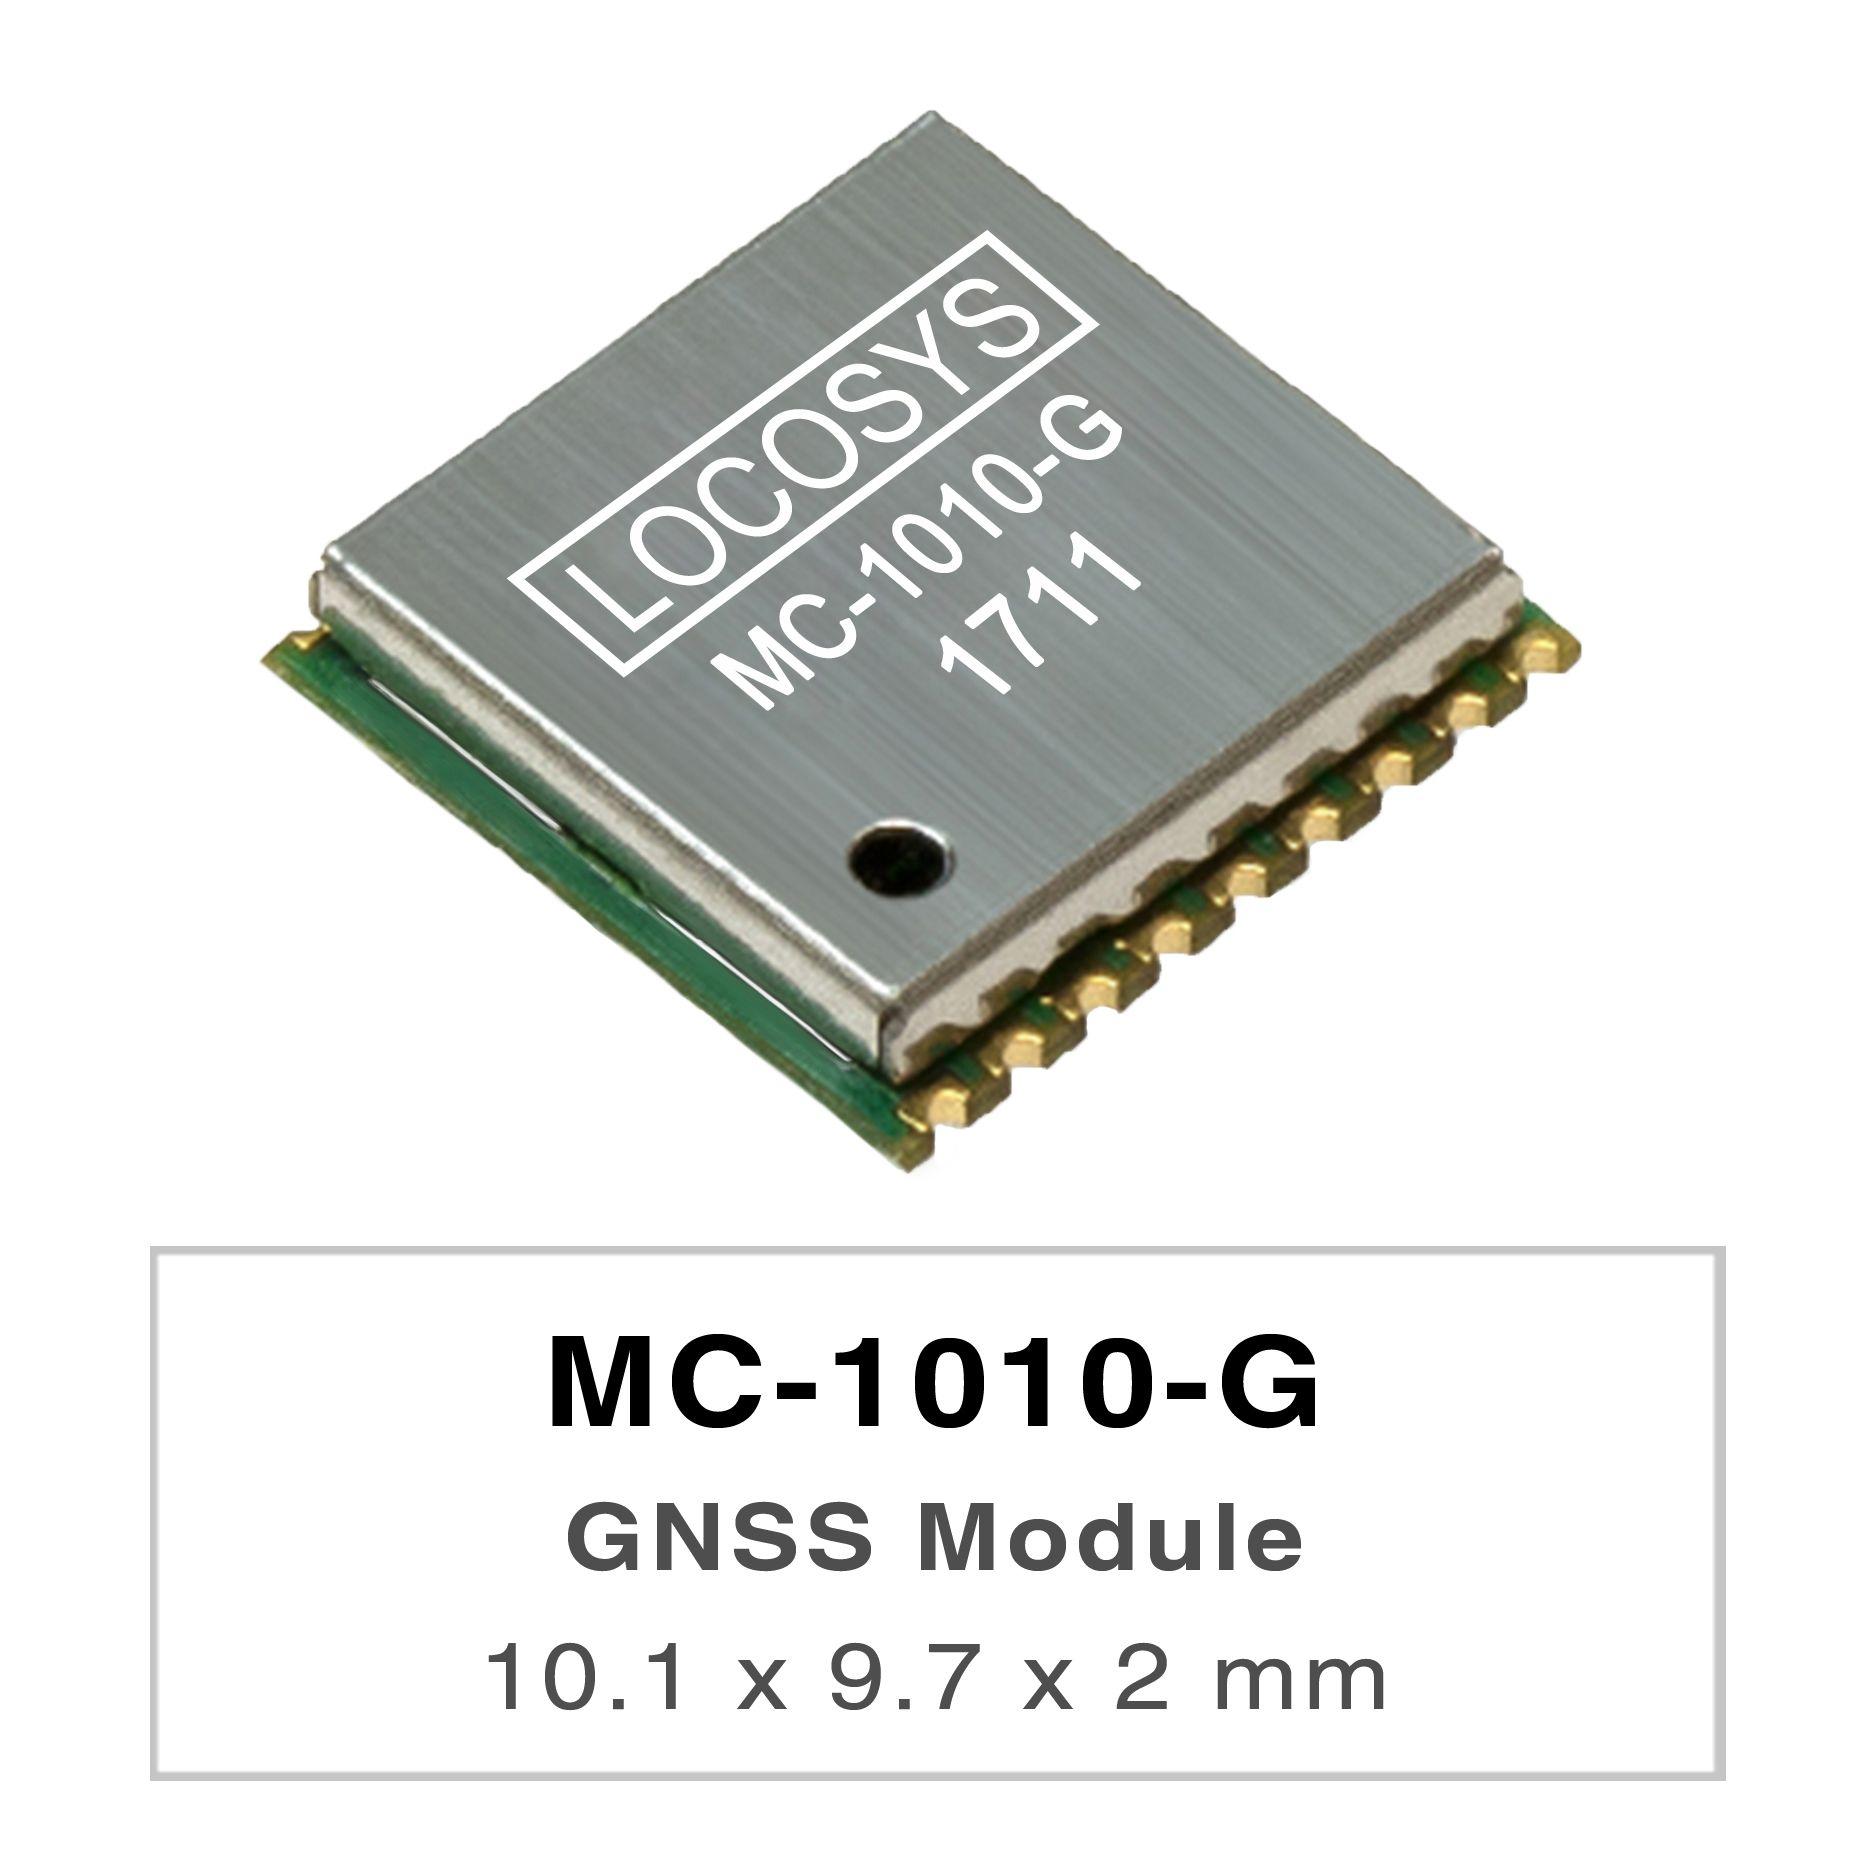 LOCOSYS MC-1010-G est un module GNSS autonome complet.